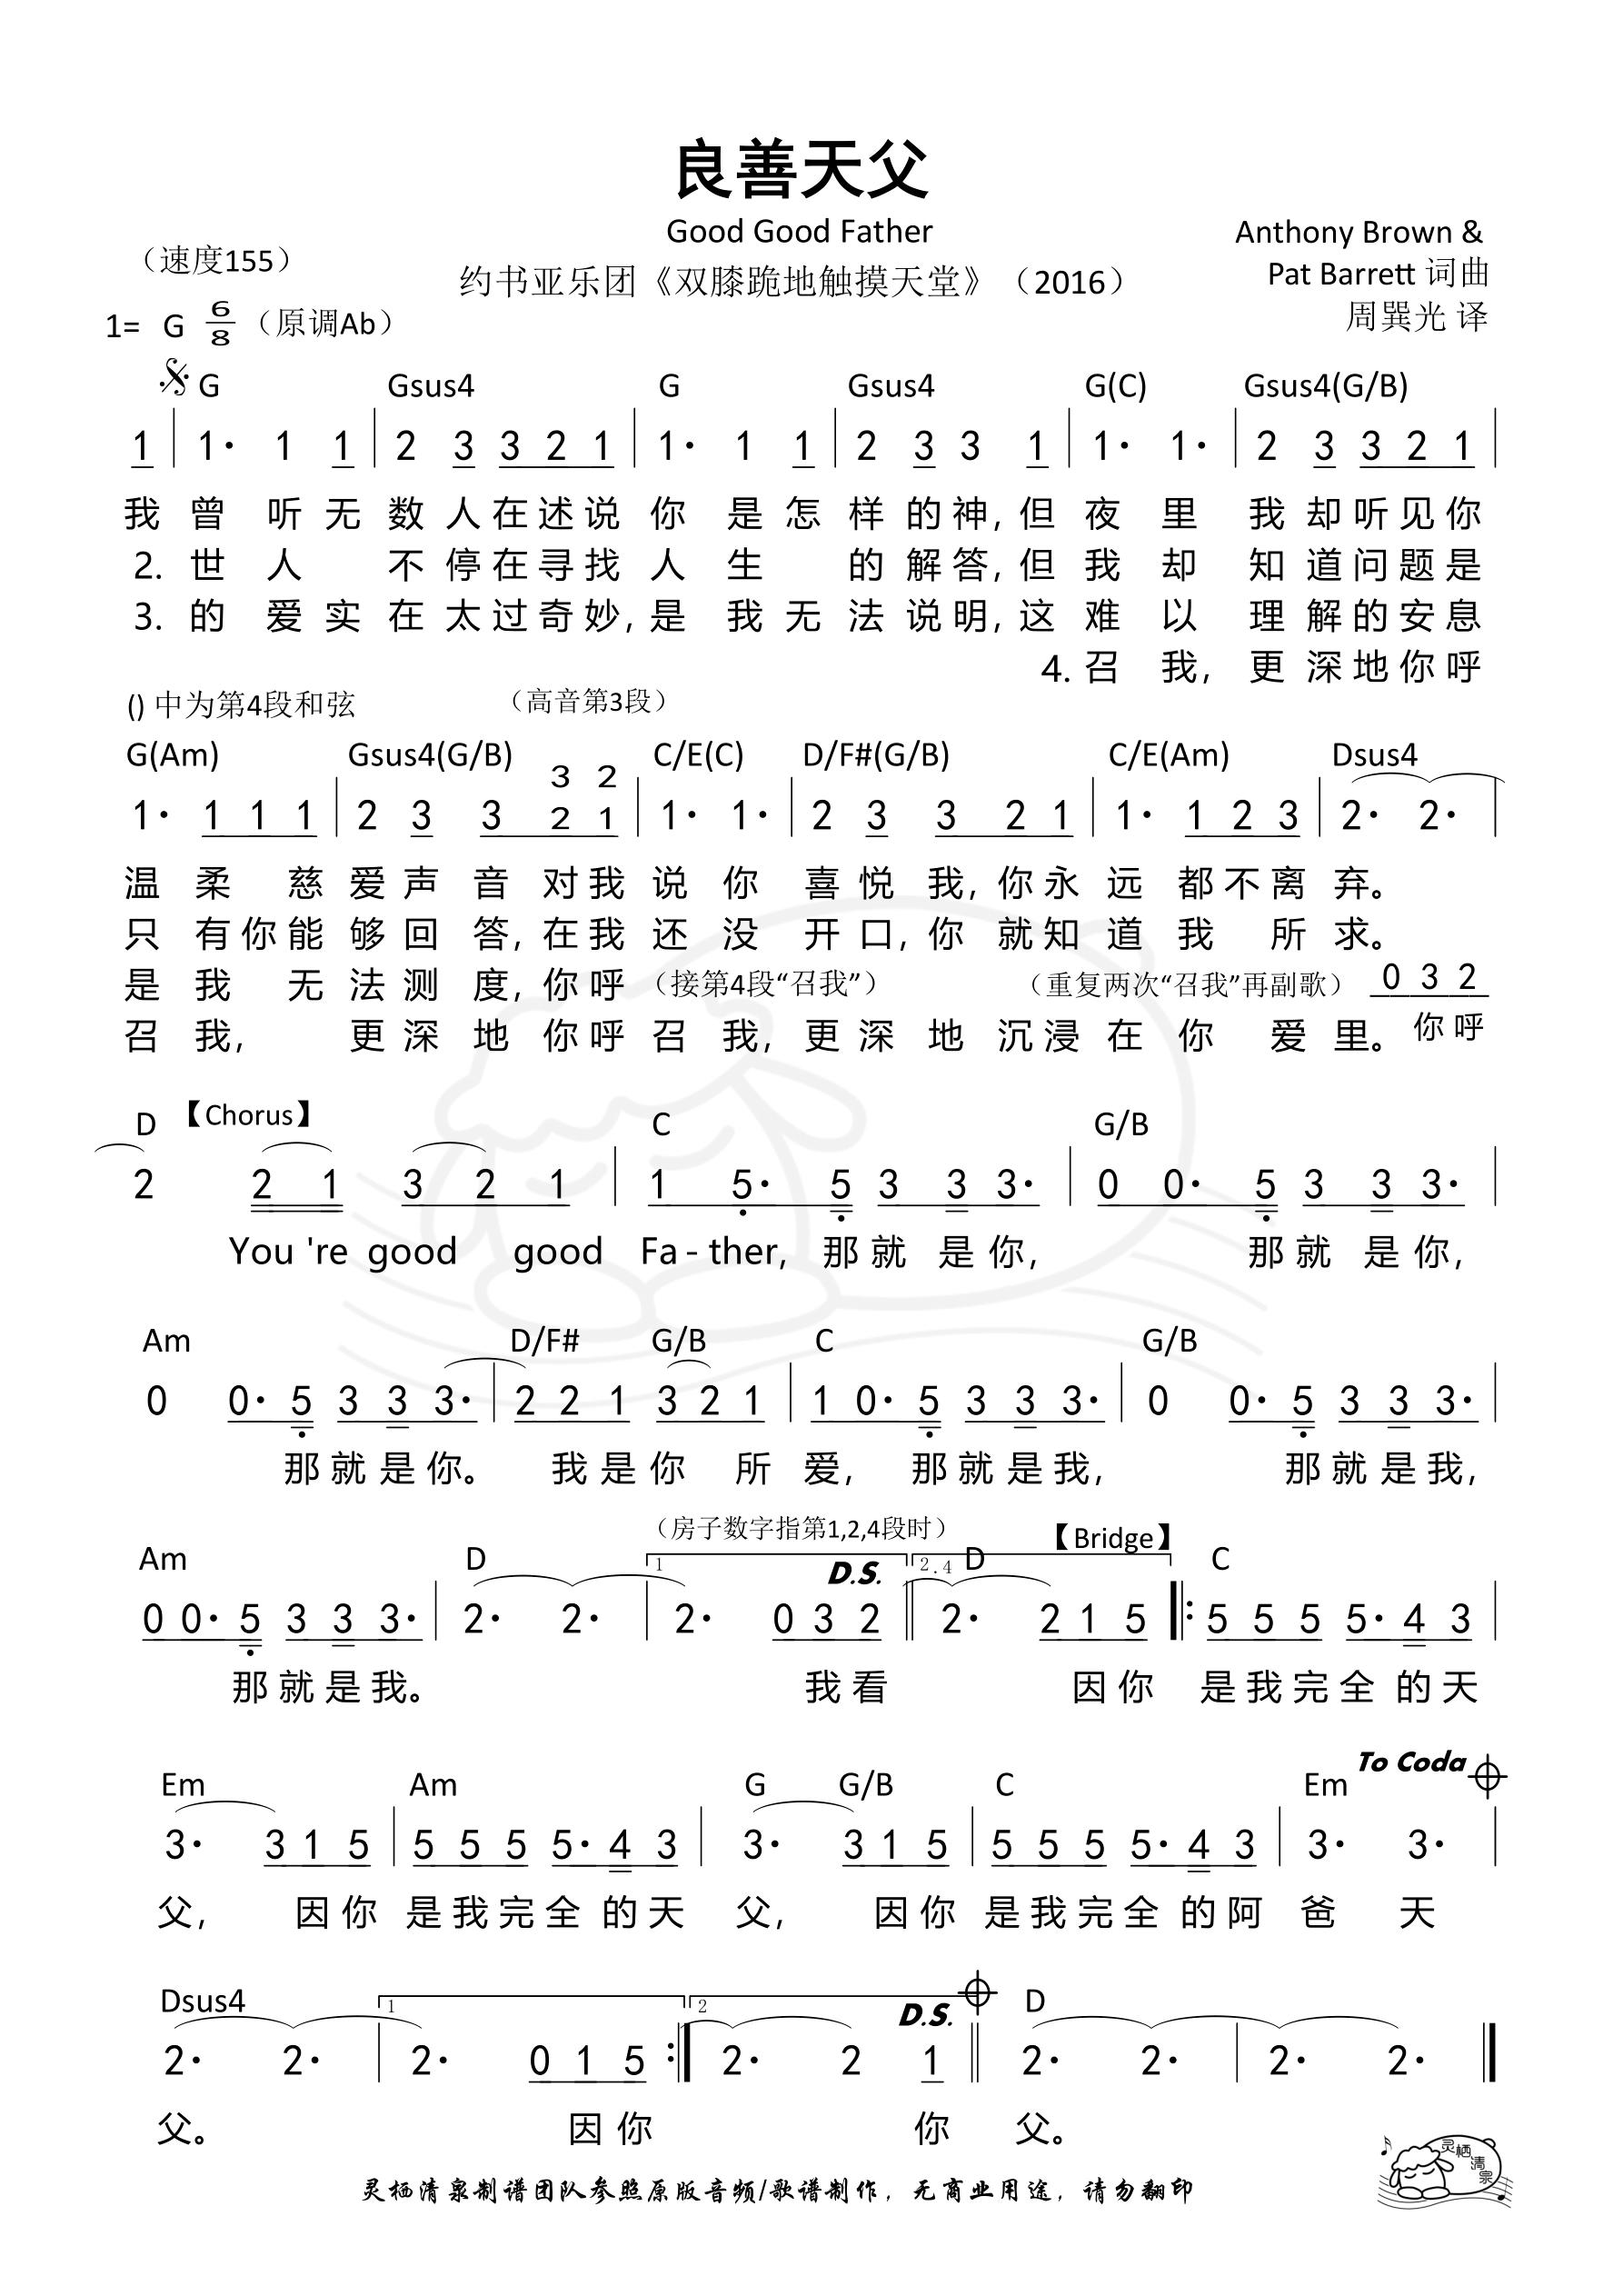 《第147首 - 良善天父 和弦简谱》